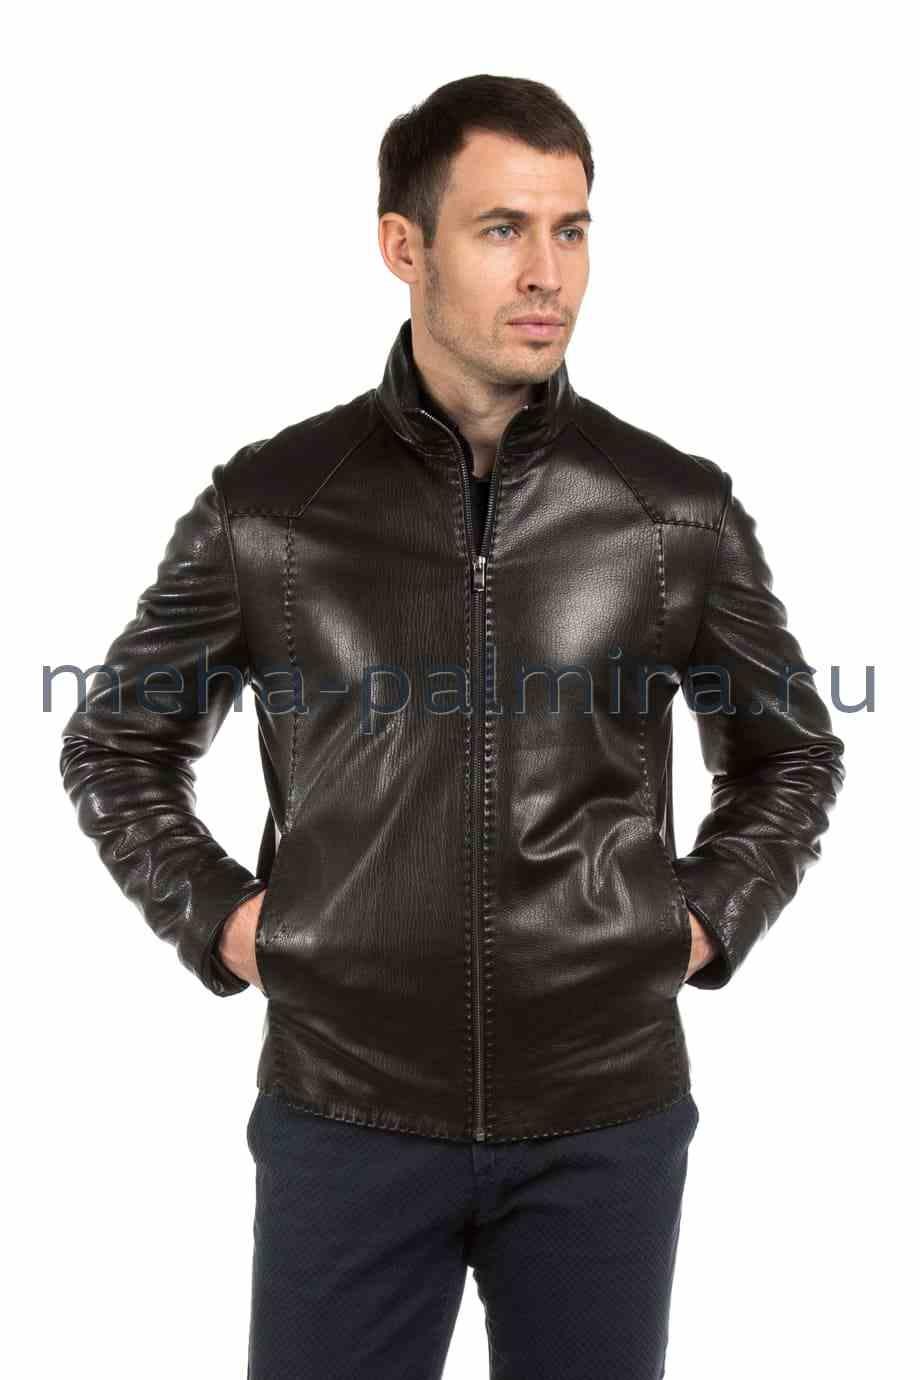 Черная итальянская мужская кожаная куртка